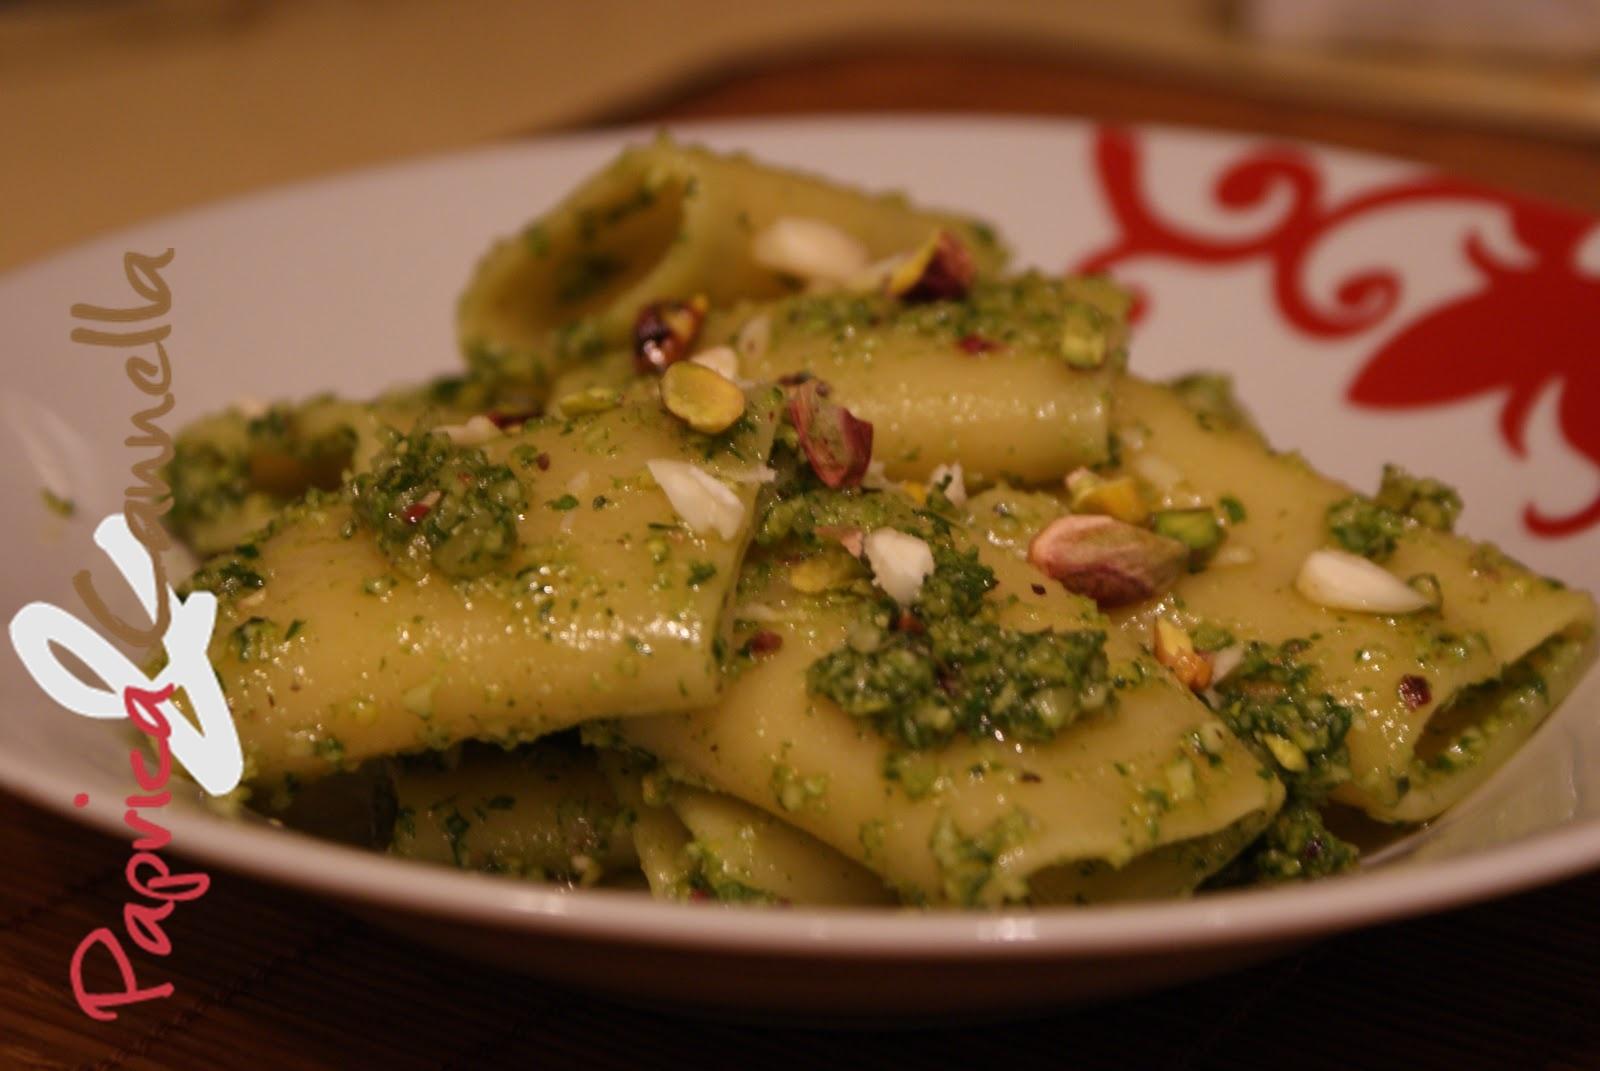 Paccheri alla crema di pistacchio, ricetta last minute per un frigo vuoto